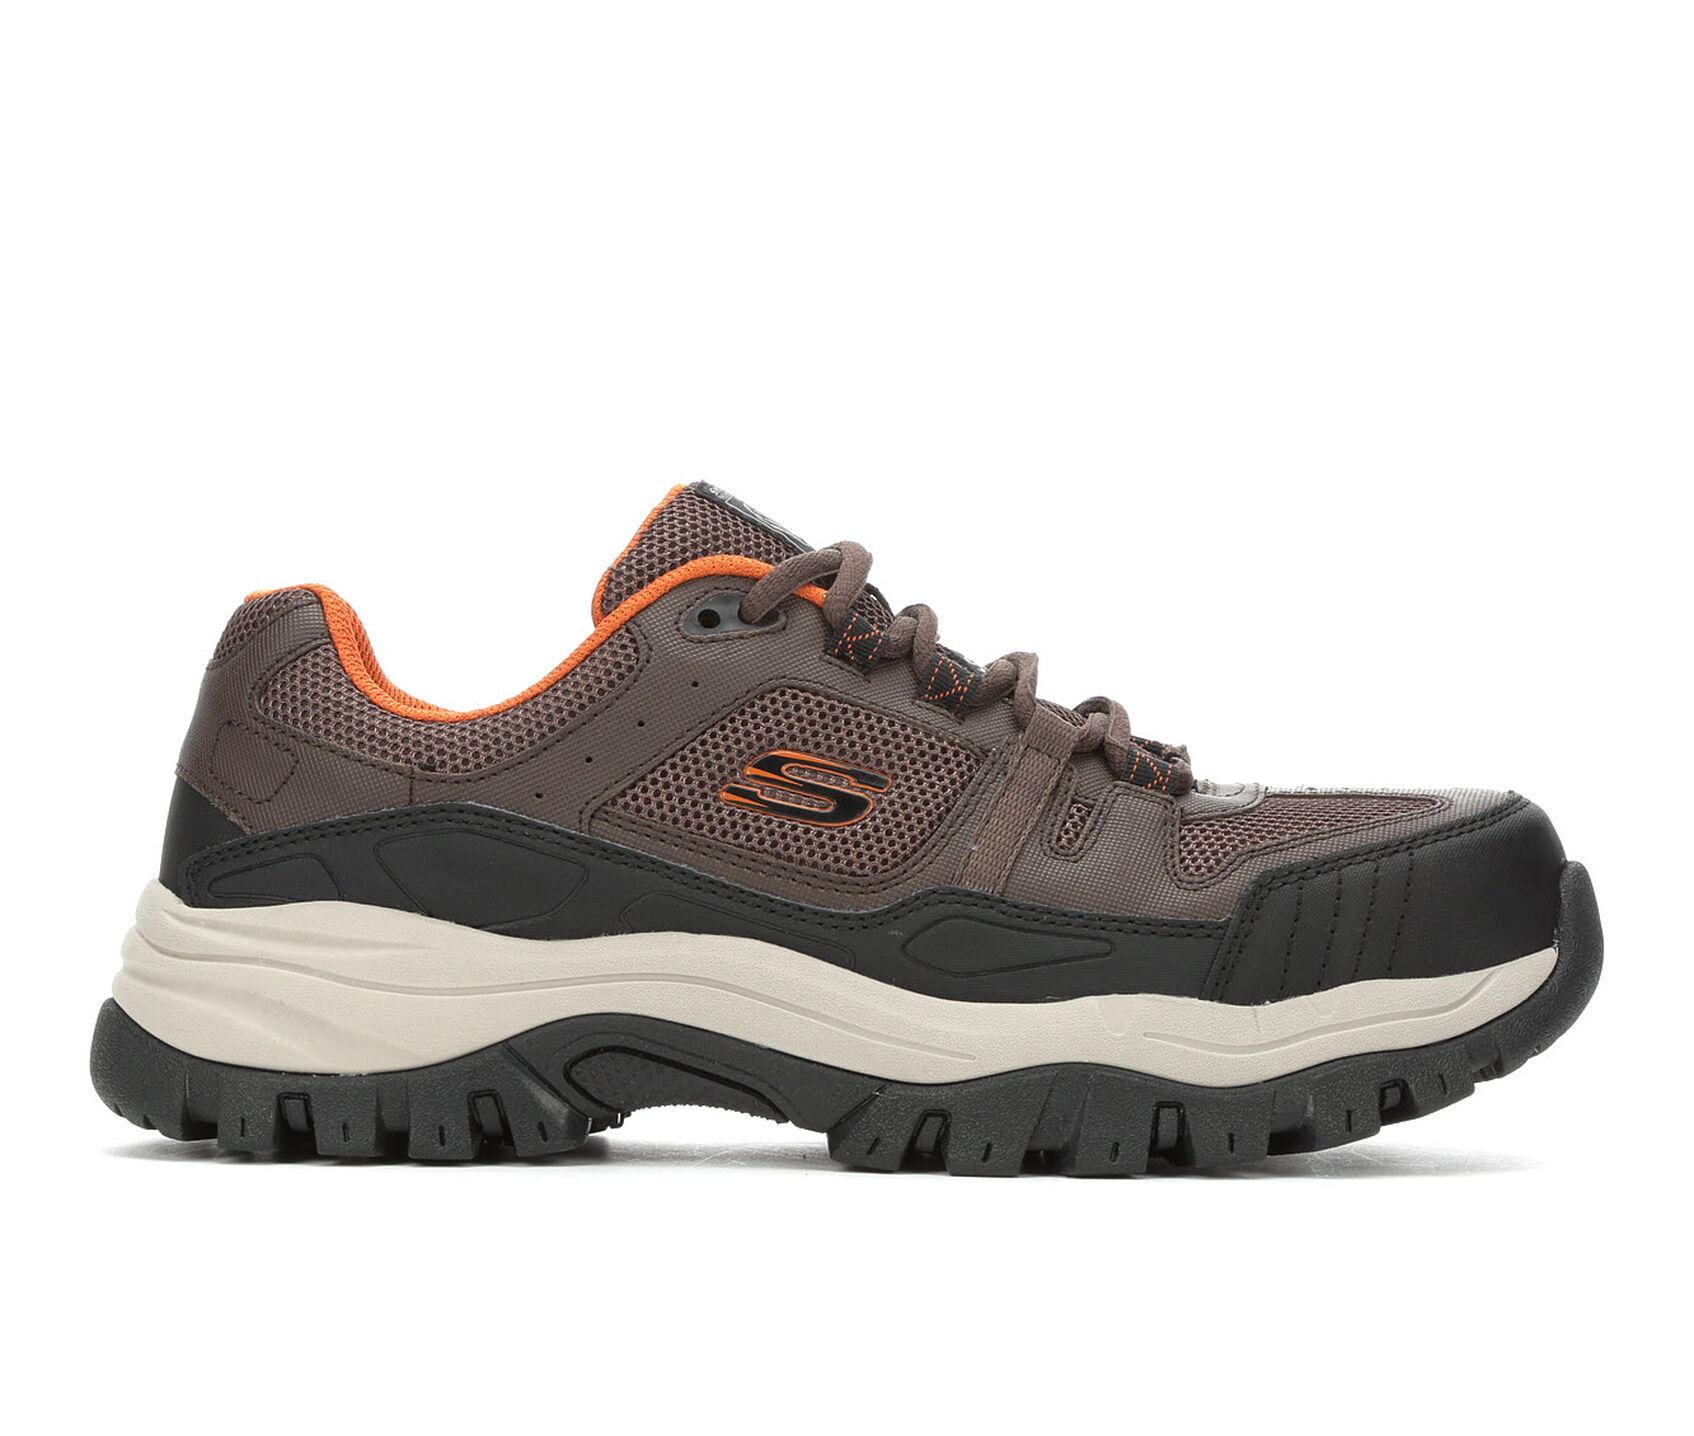 bd58bfcc9f620 ... Skechers Work Kerkade Steel Toe Waterproof 77505 Work Shoes. Previous